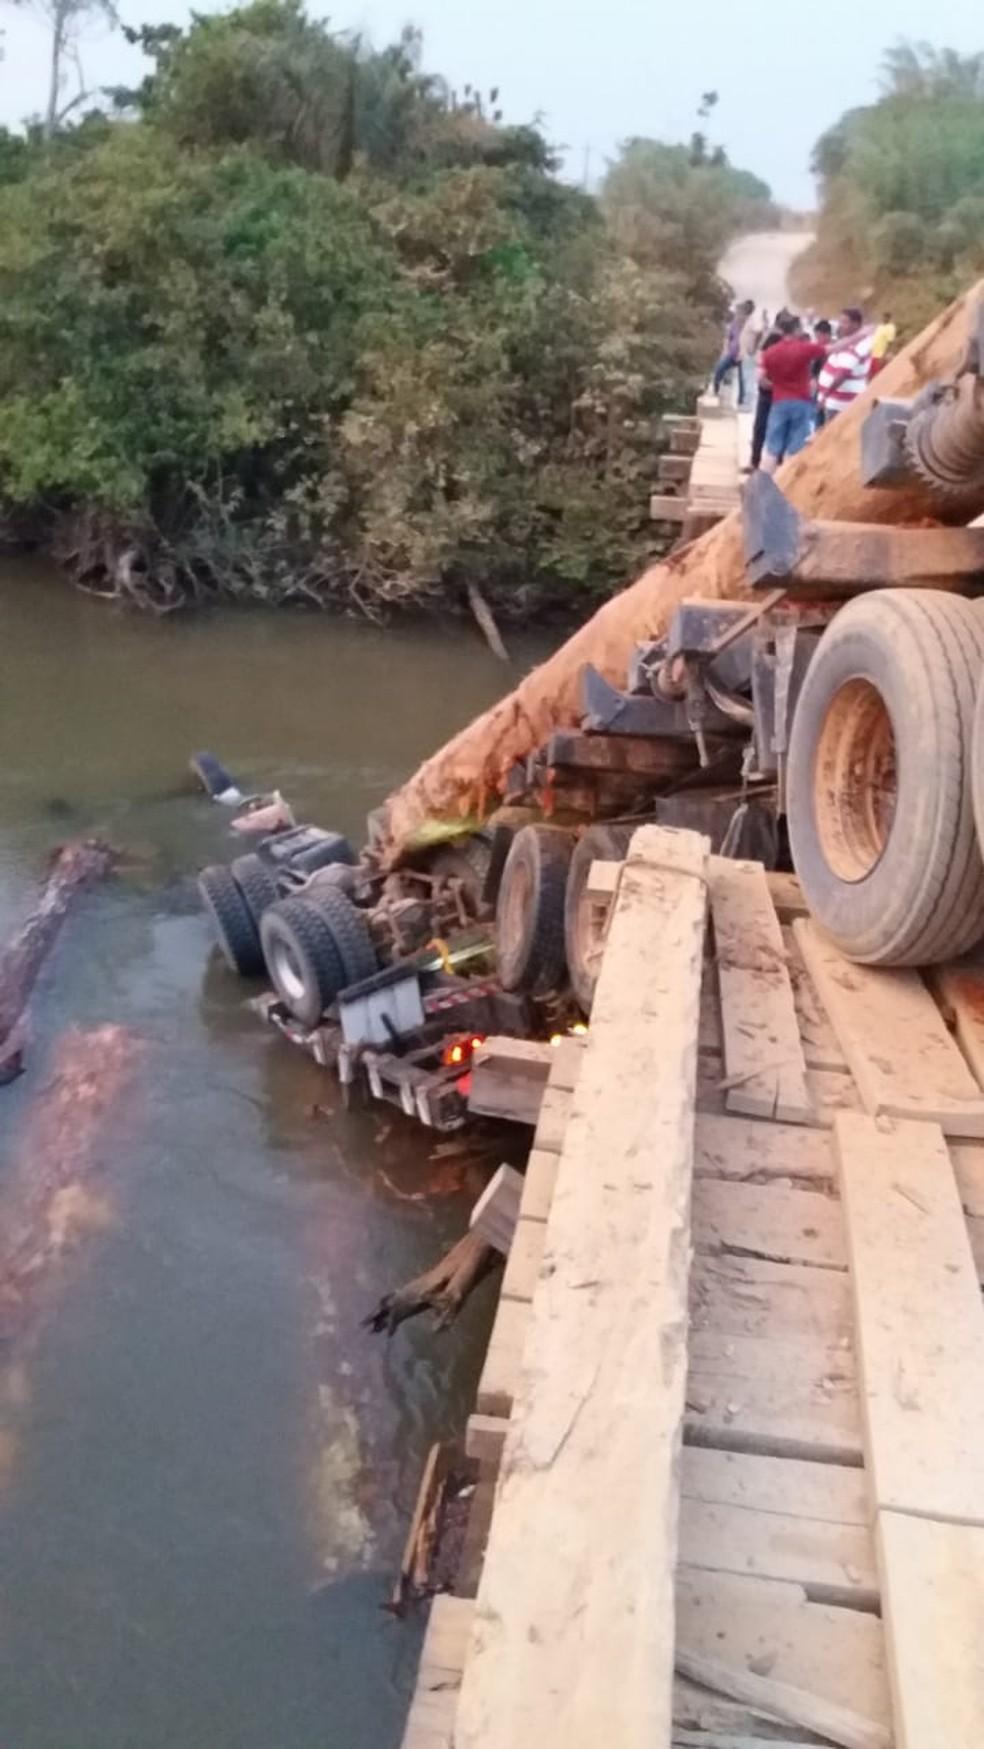 Parte da carreta ficou submersa no rio Belém, em Machadinho d'Oeste (RO) — Foto: Reprodução/Redes Sociais